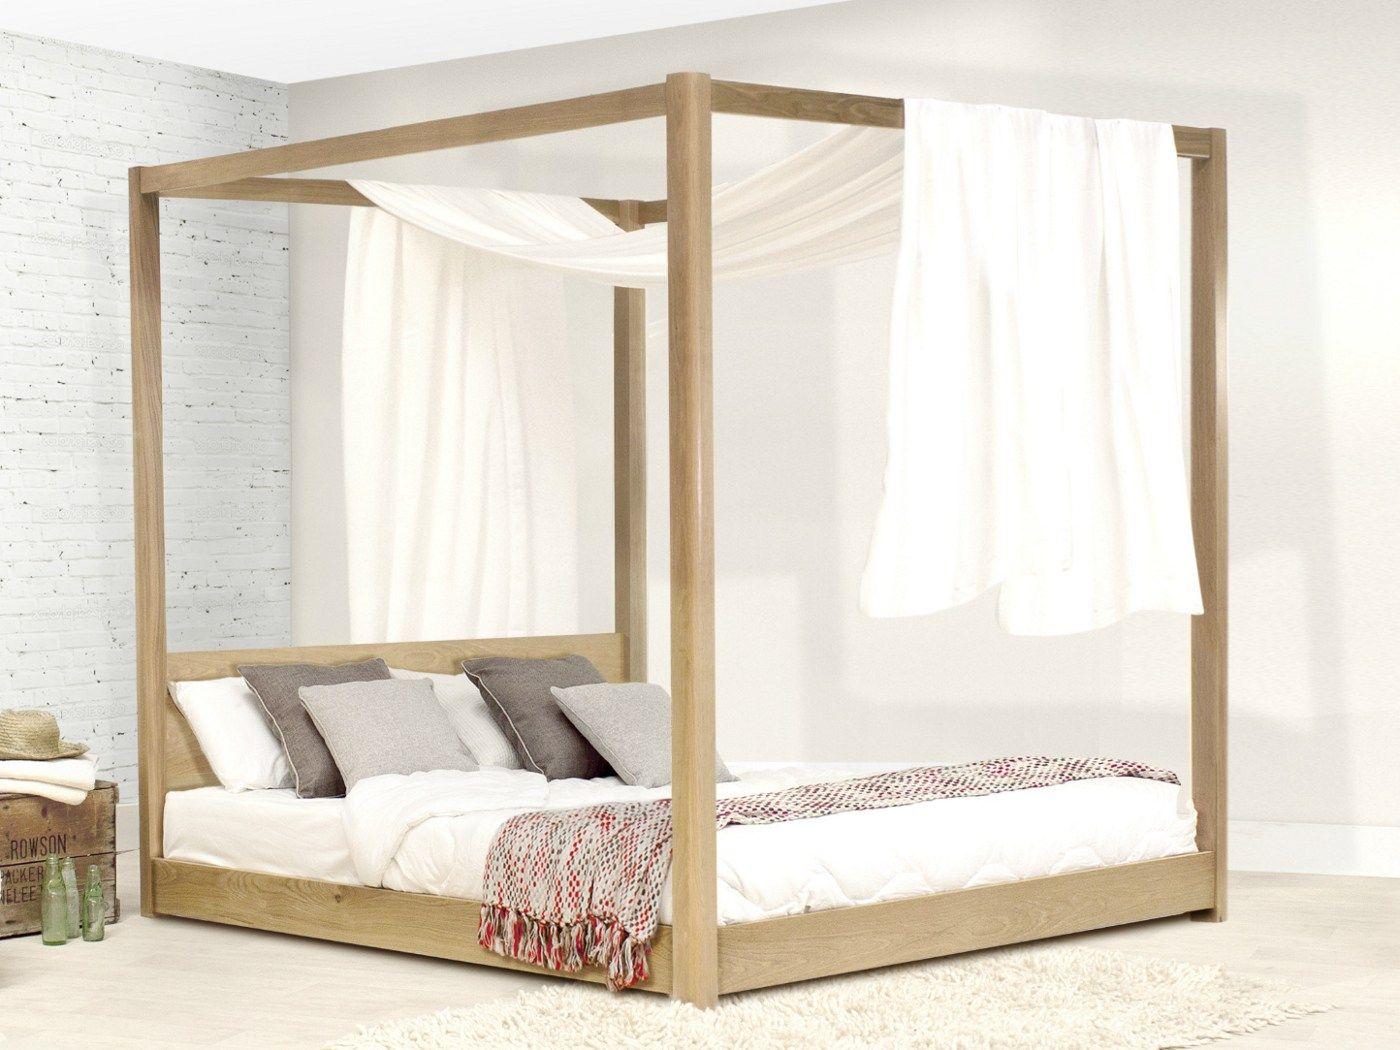 - Lit à Baldaquin En Bois LOW FOUR POSTER BED By Get Laid Beds